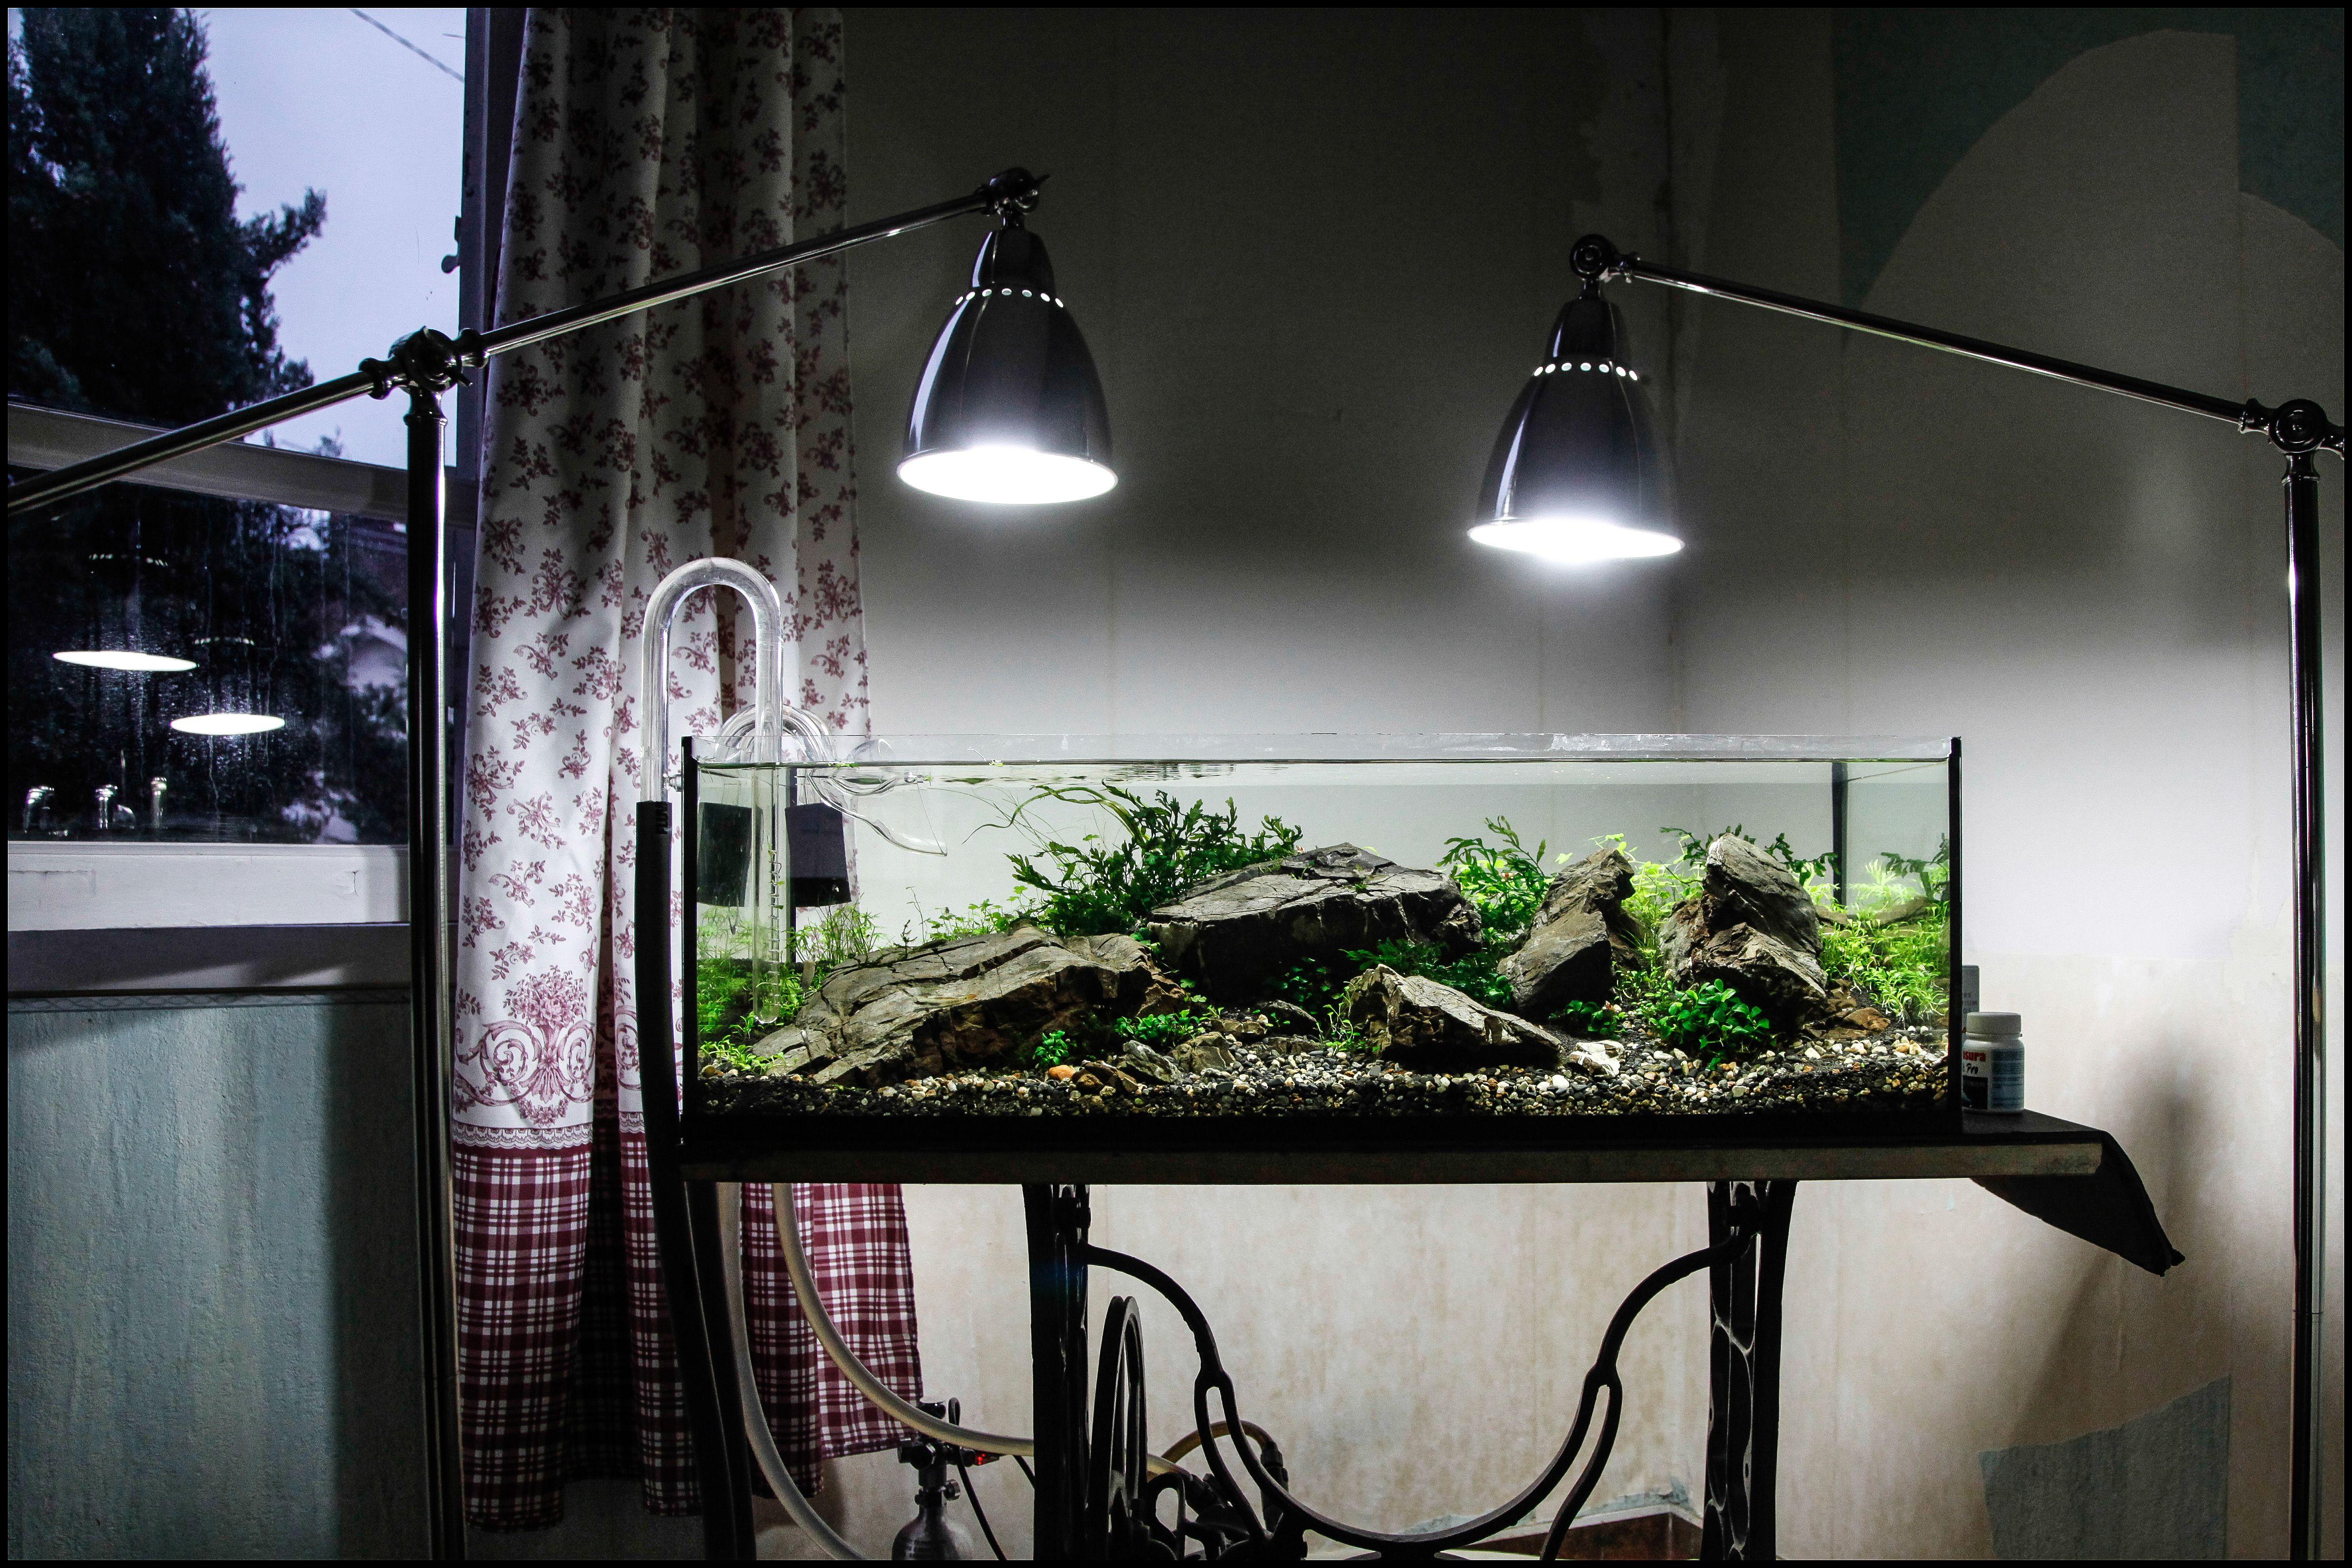 4a2283981f53df0ea6180b2c83c13866 Frais De Aquarium tortue Aquatique Schème